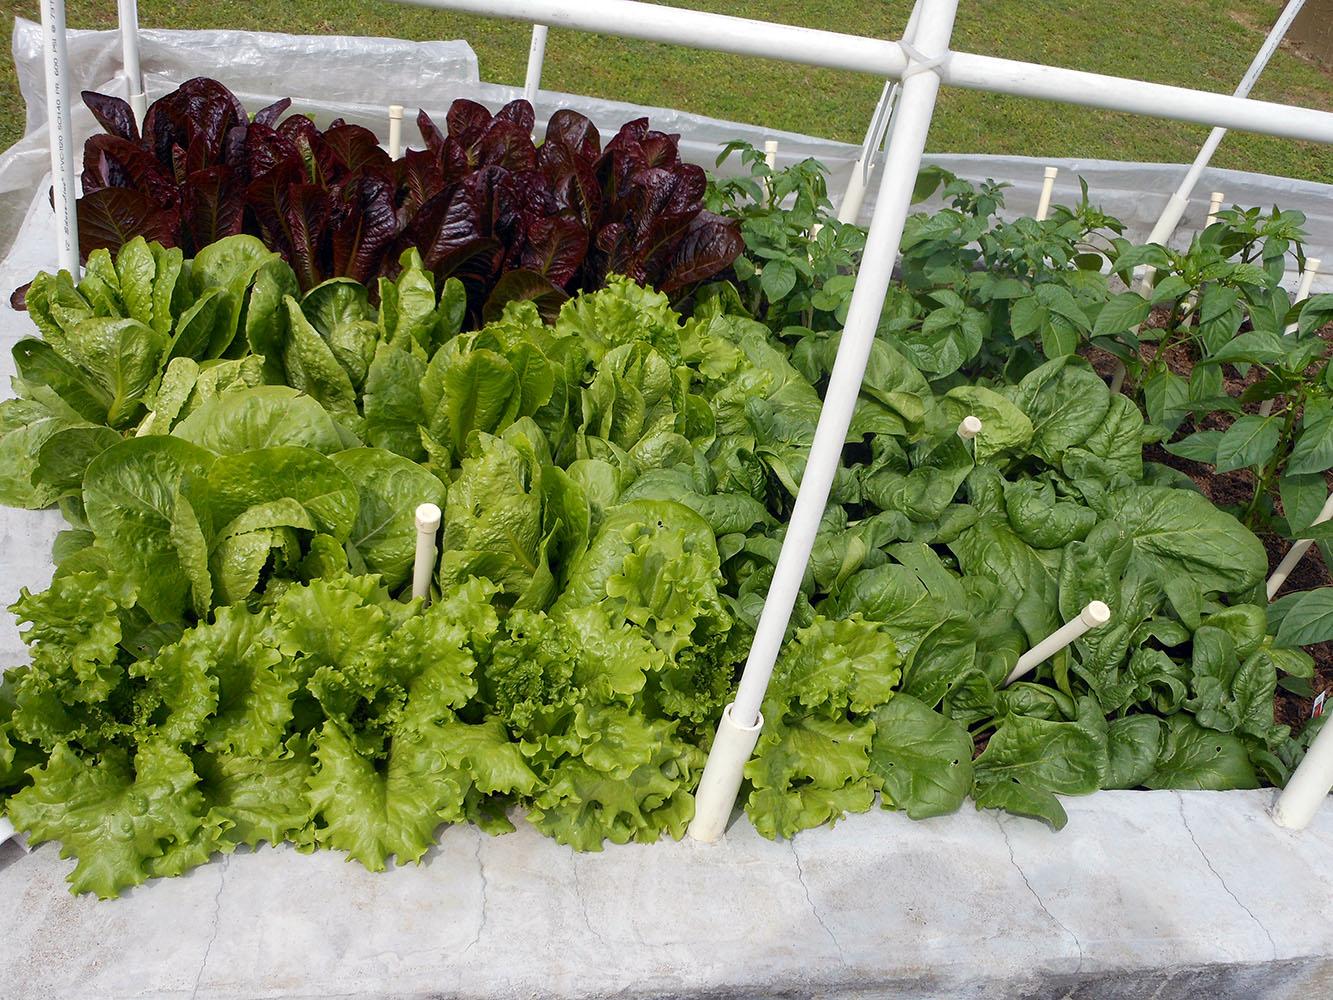 04-24-2015 Garden 2 Lettuce Spinach 02